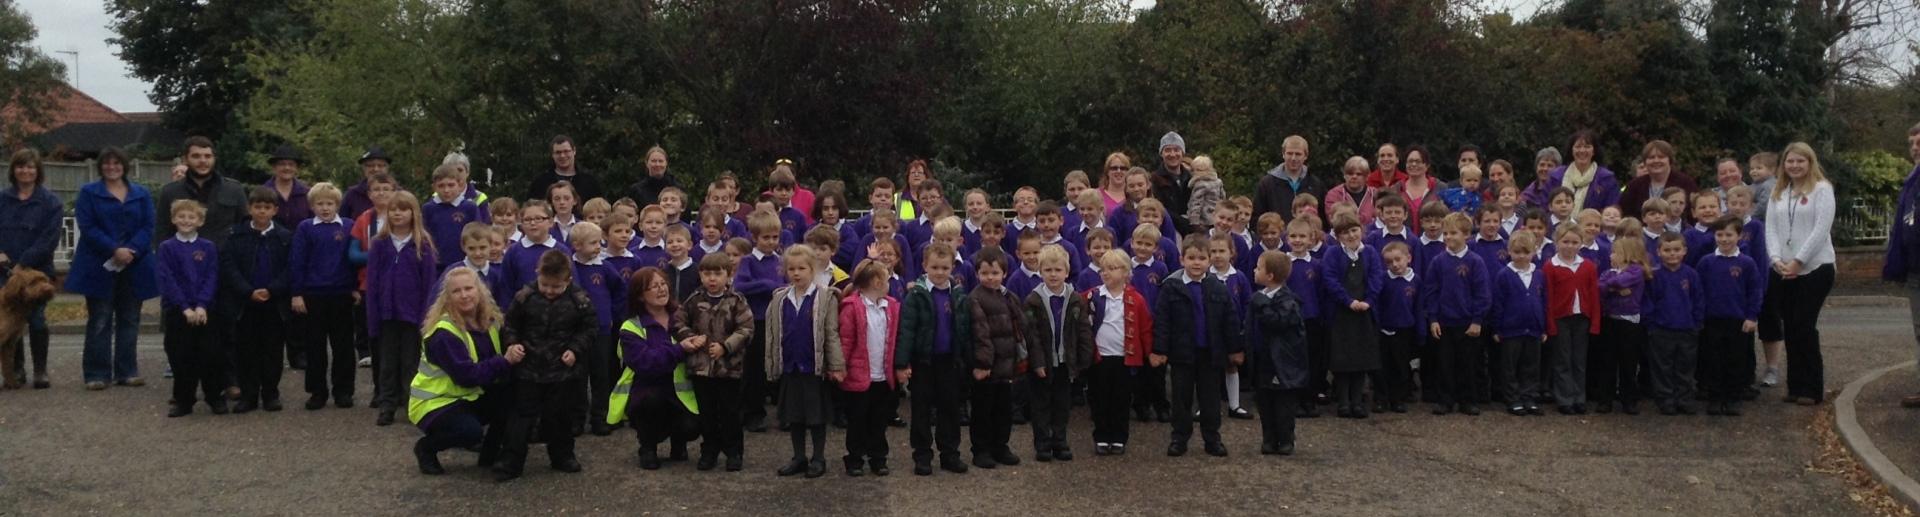 School Academy Launch October 2014